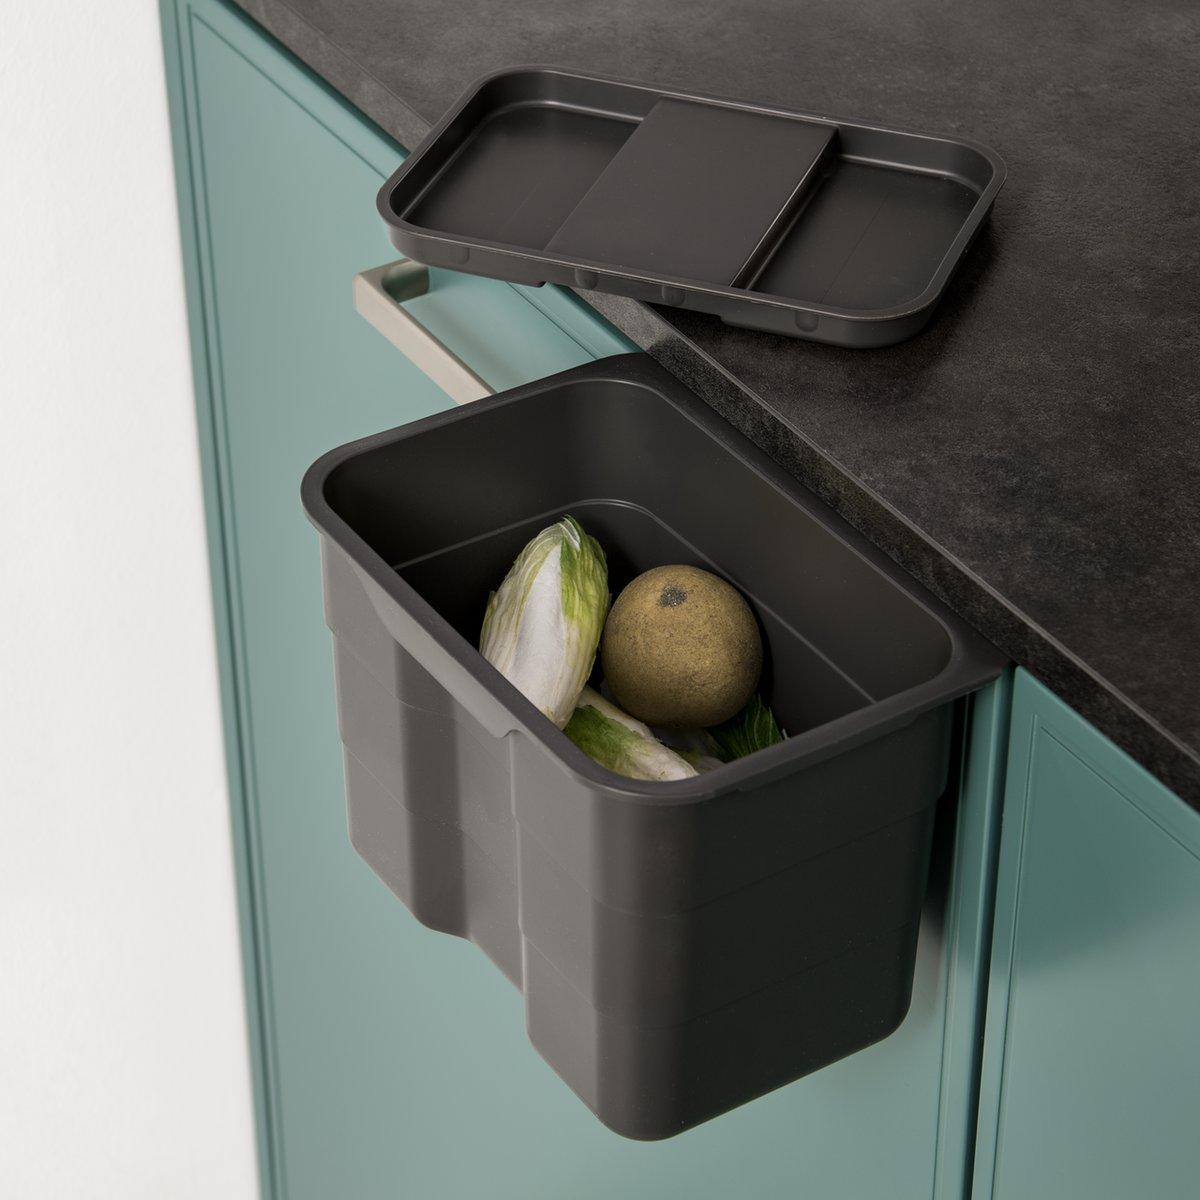 Bac à compost.